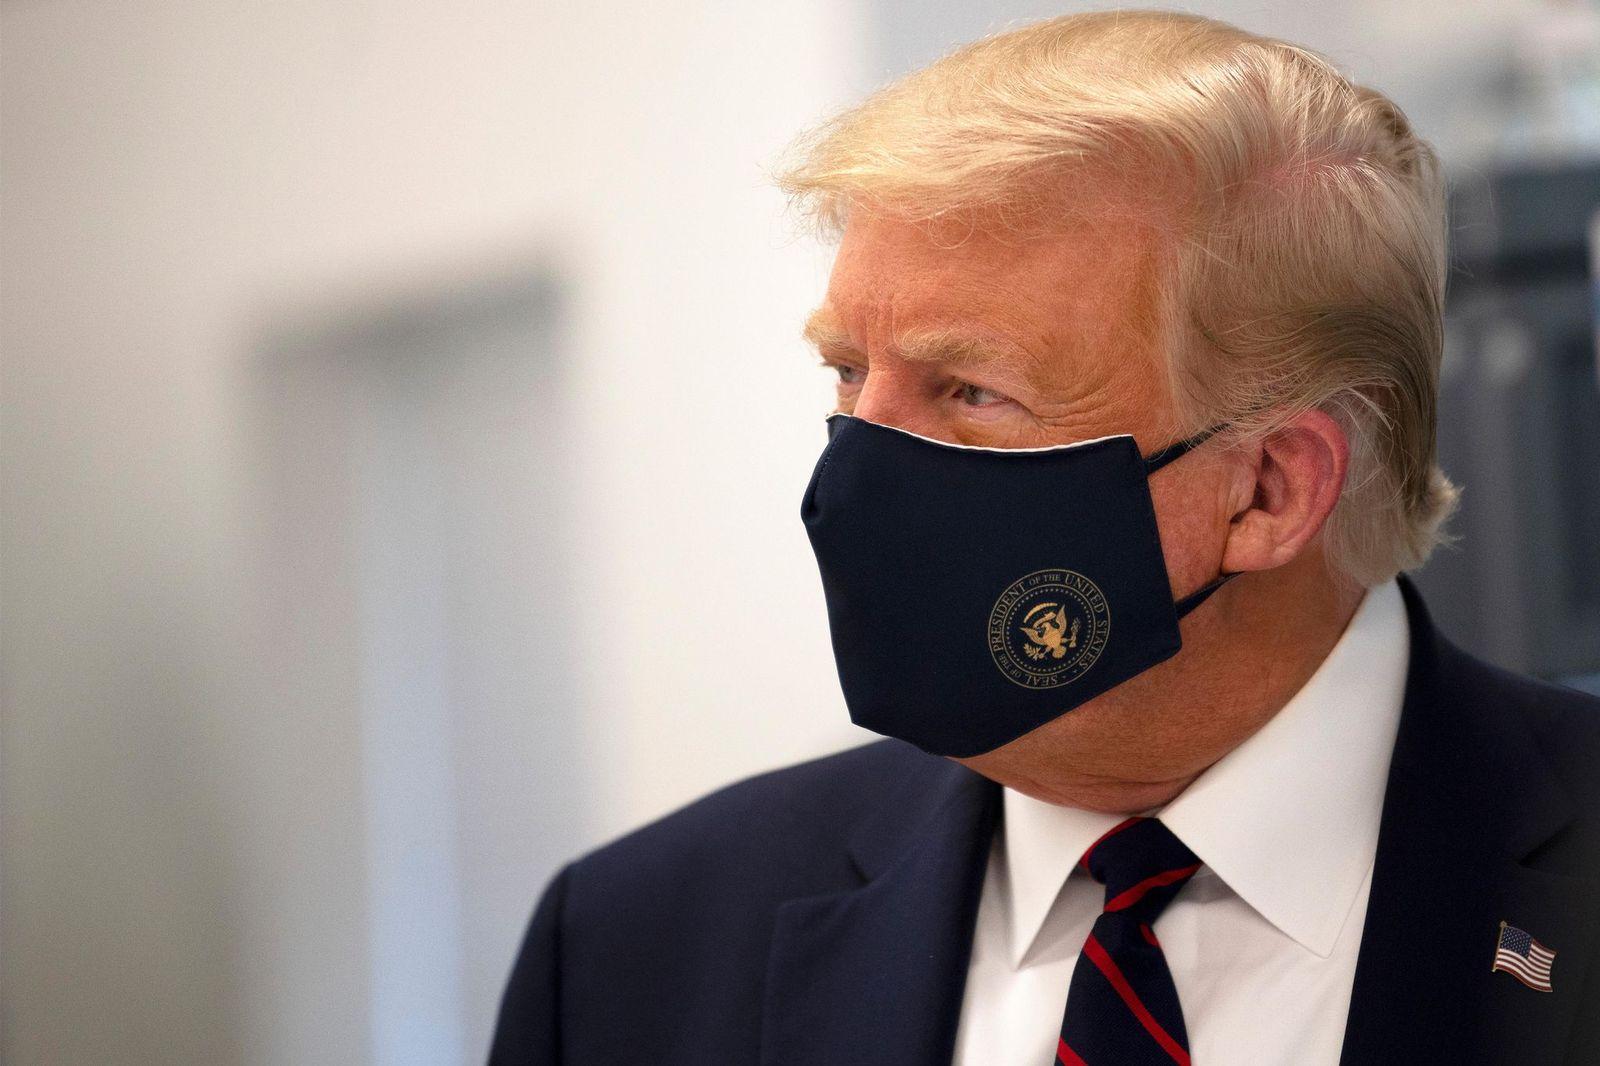 وسائل إعلام أمريكية: إحباط محاولة لتسميم ترامب